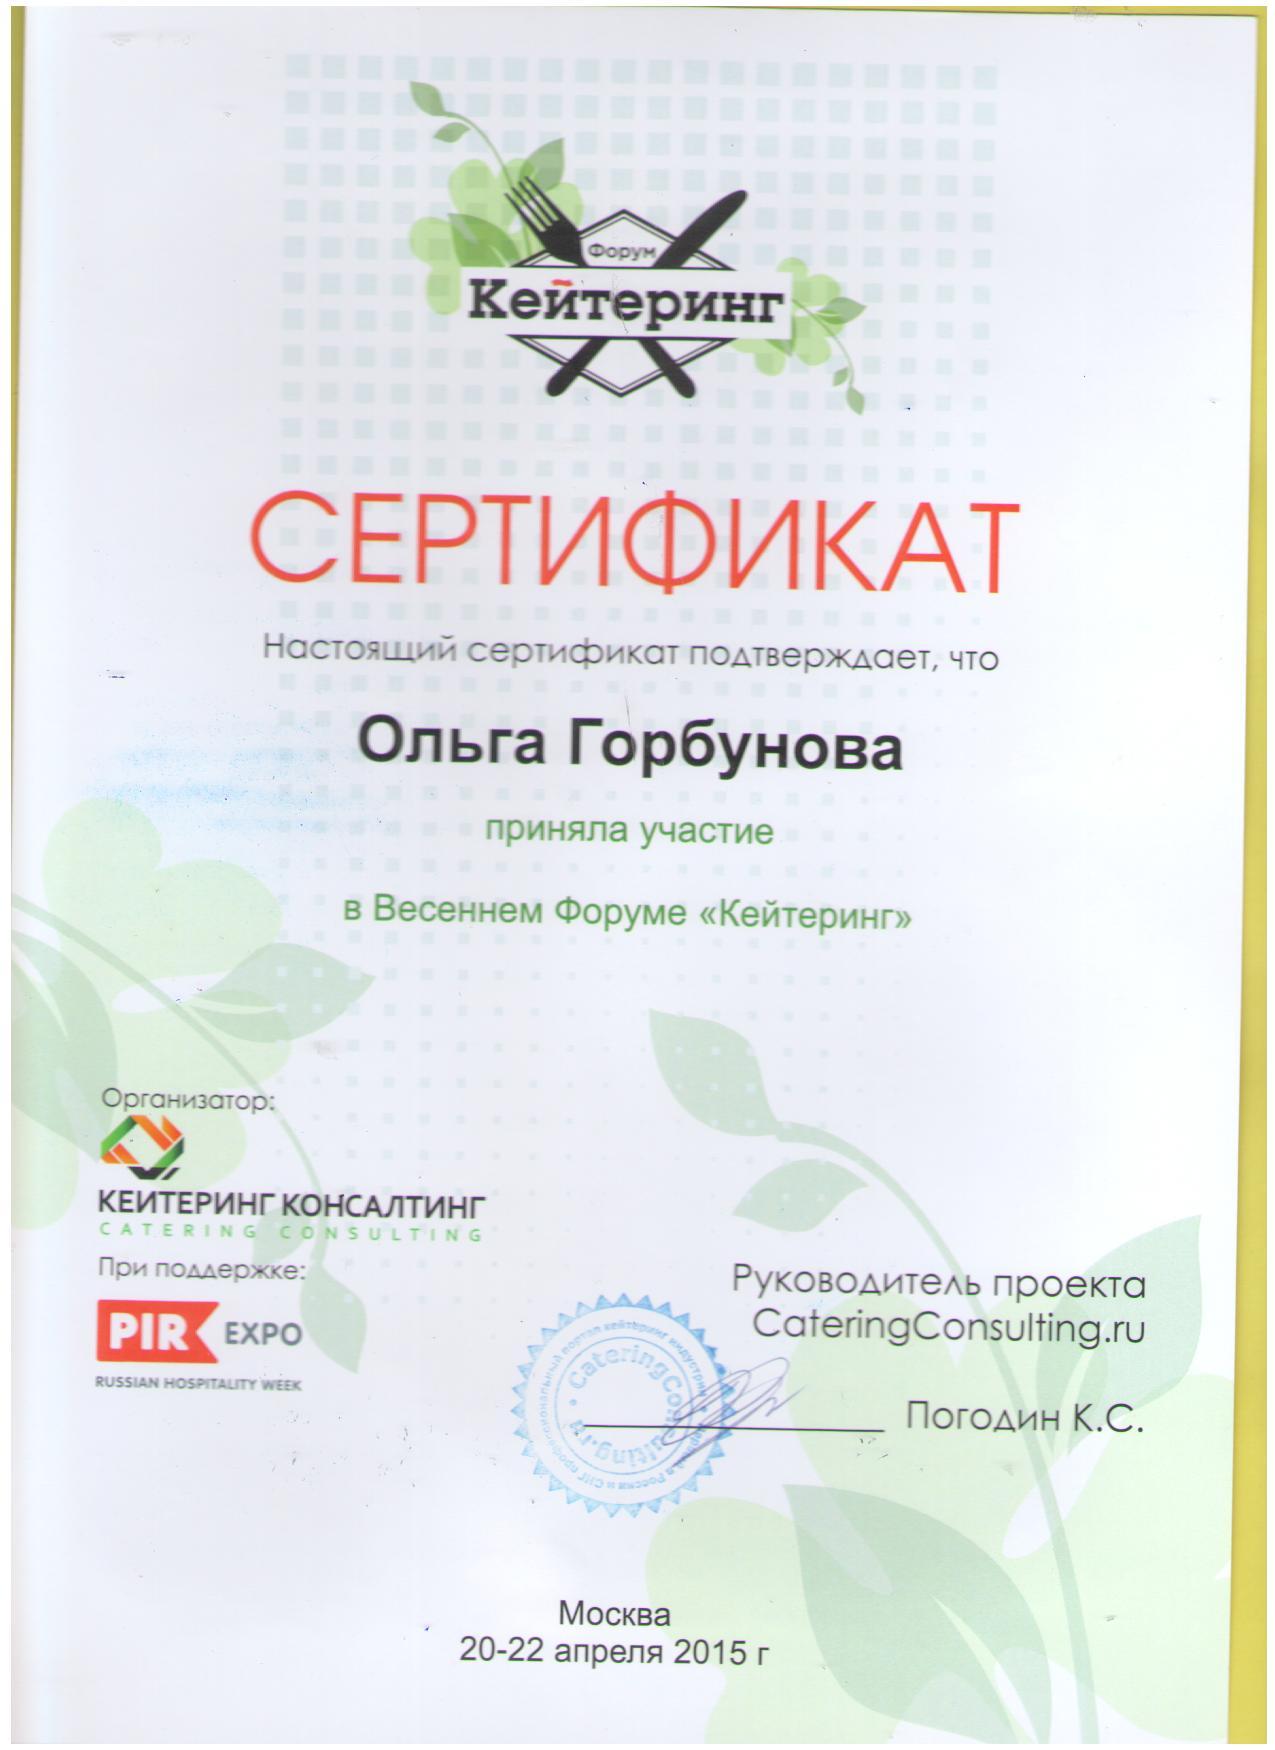 Мы_профессионалы_06 072 (2)